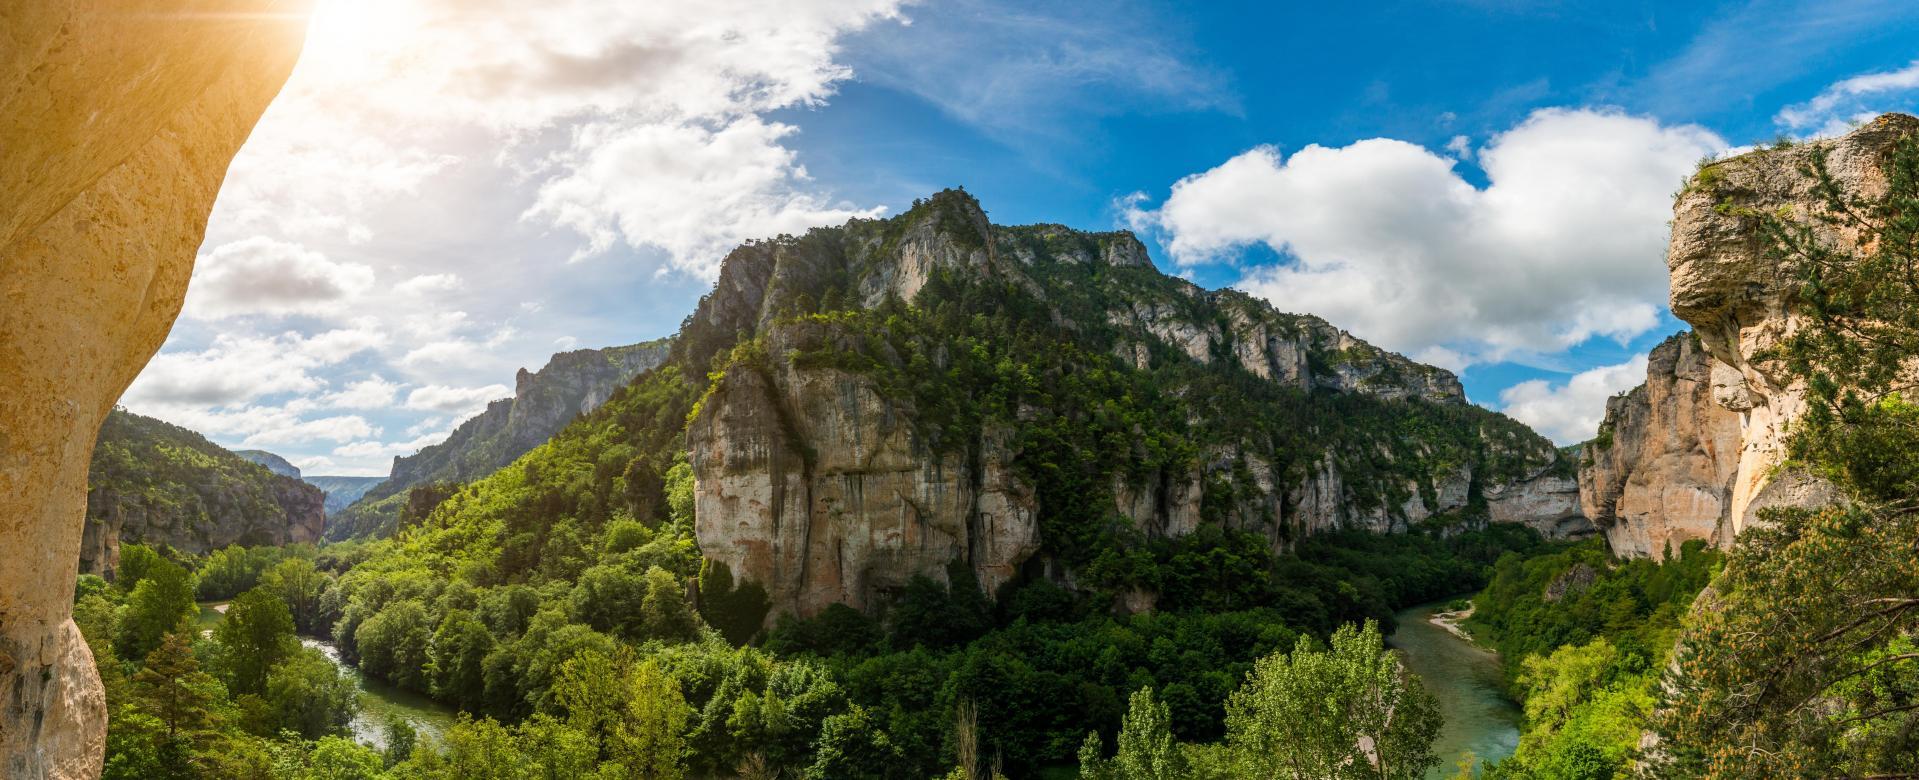 Voyage à pied France : Les gorges du tarn et sainte-enimie